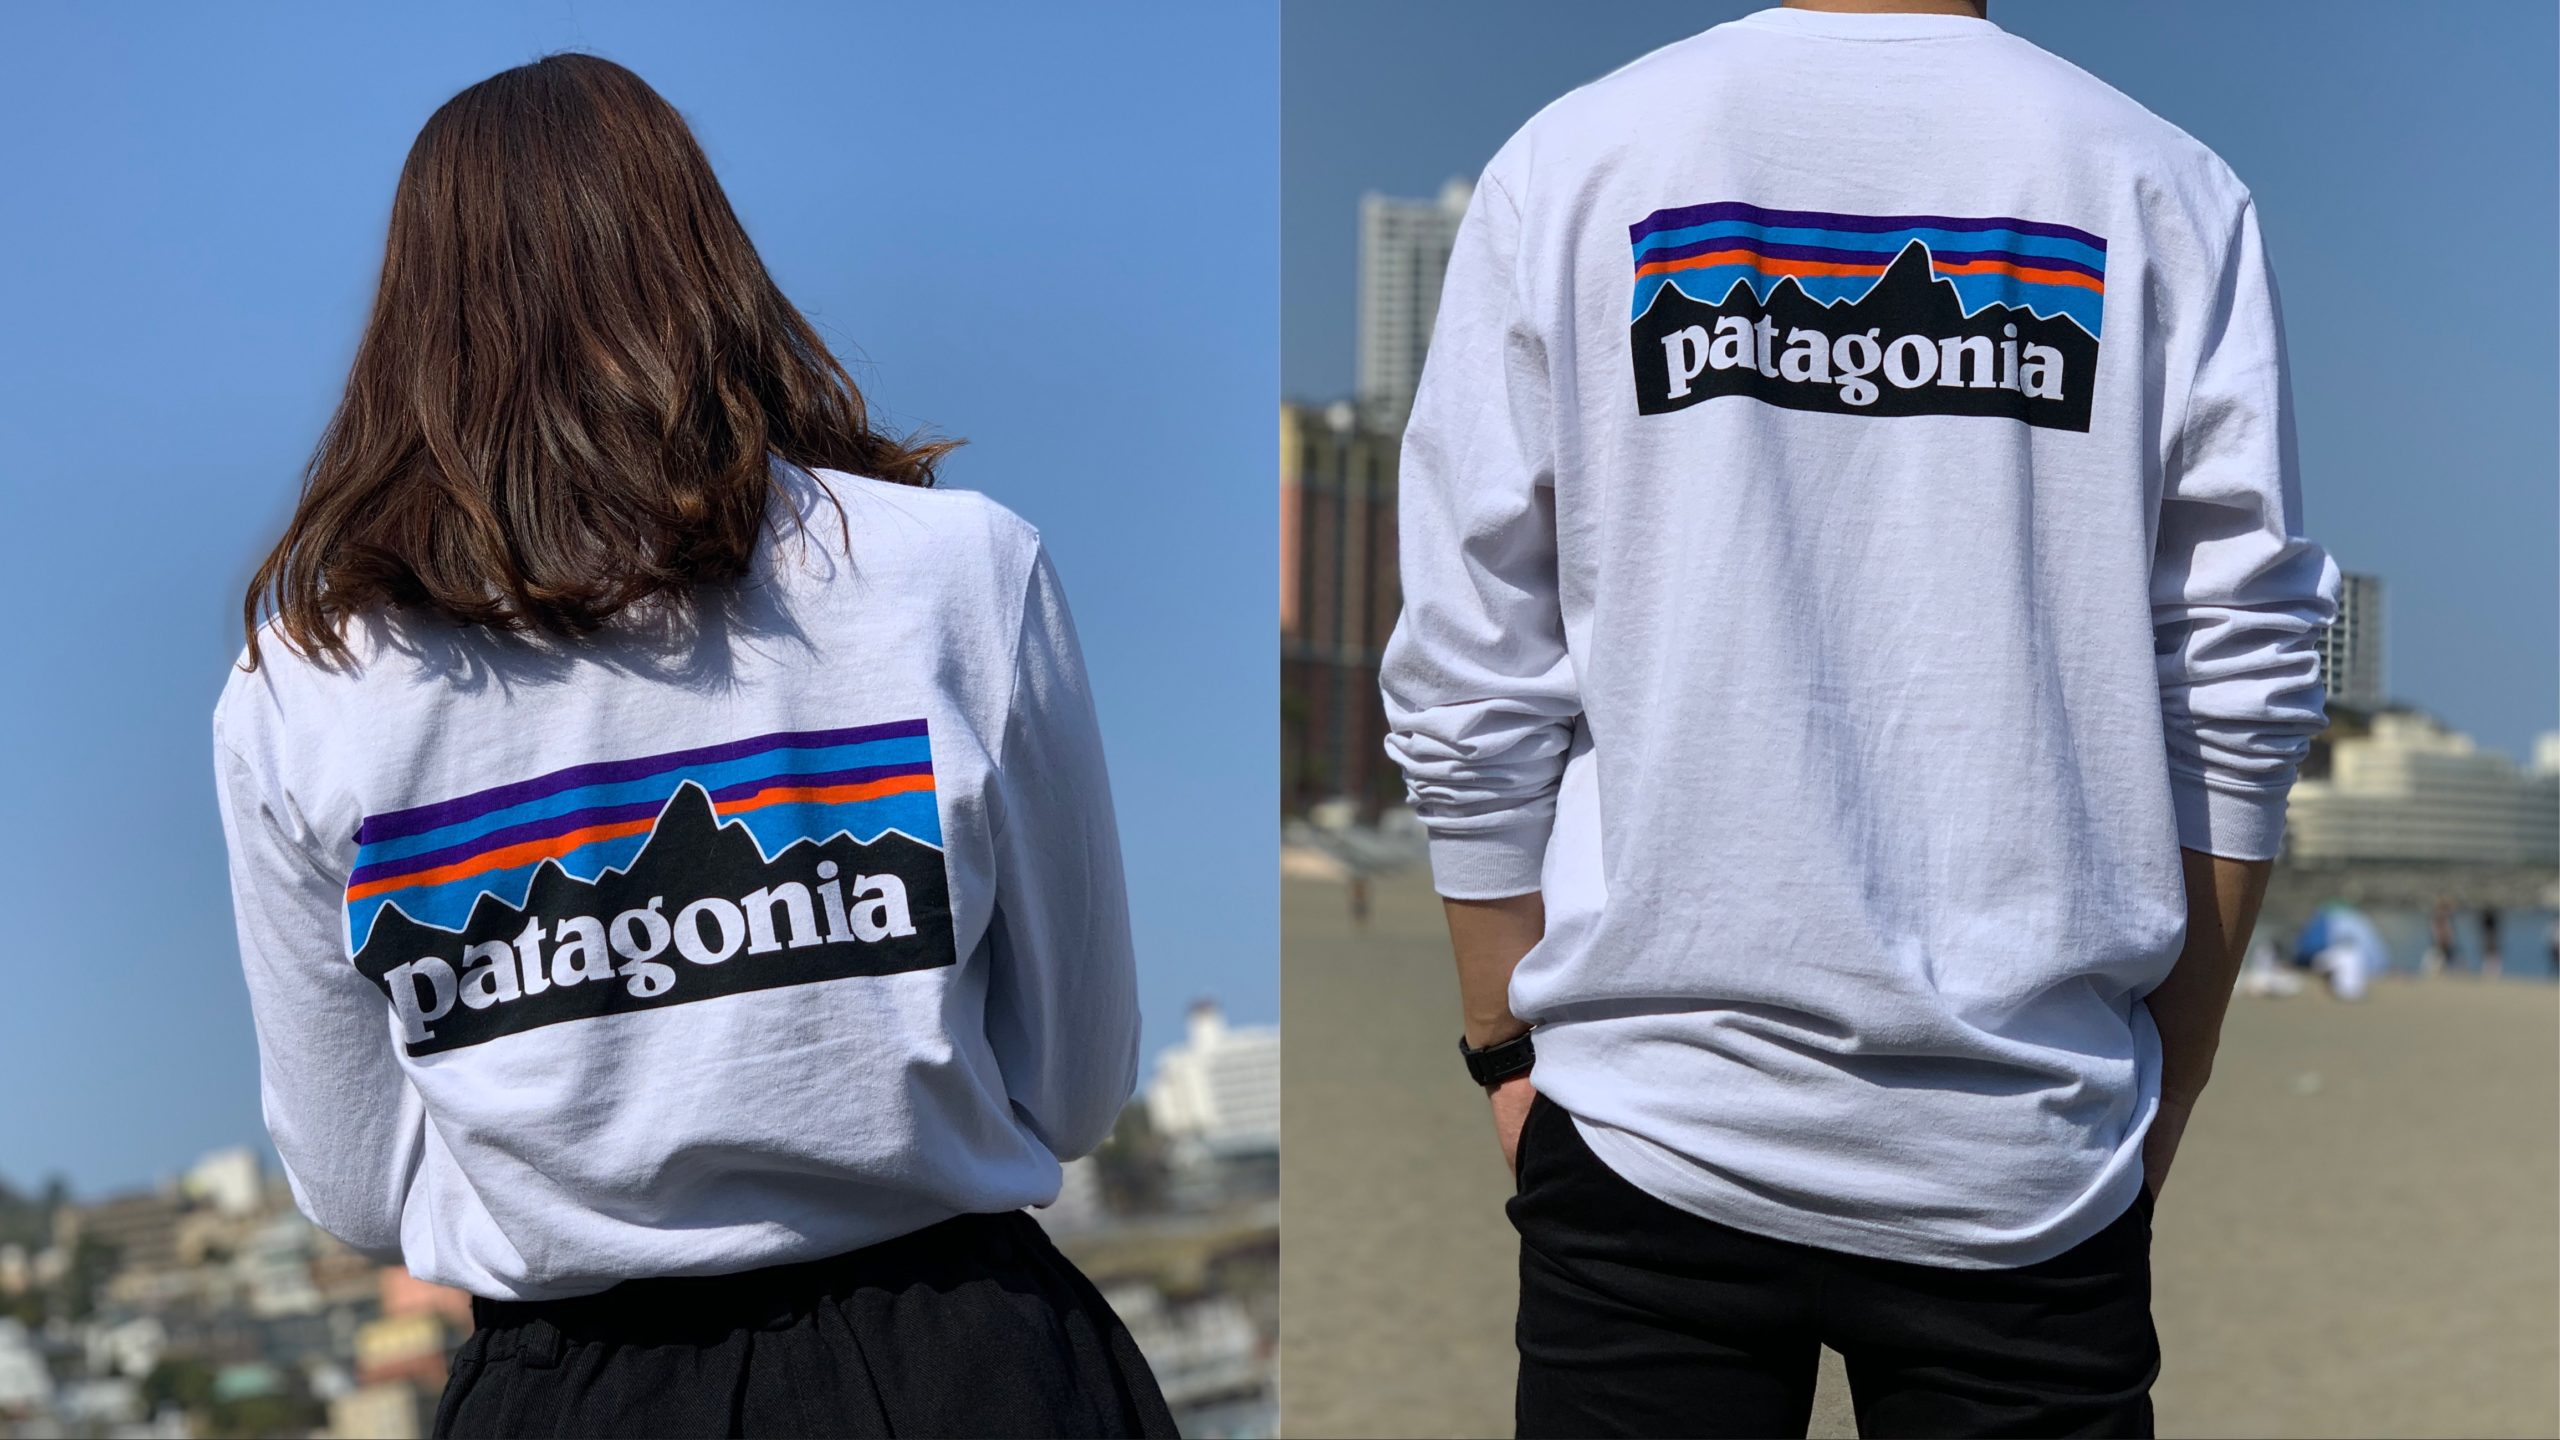 パタゴニア t シャツ サイズ 感